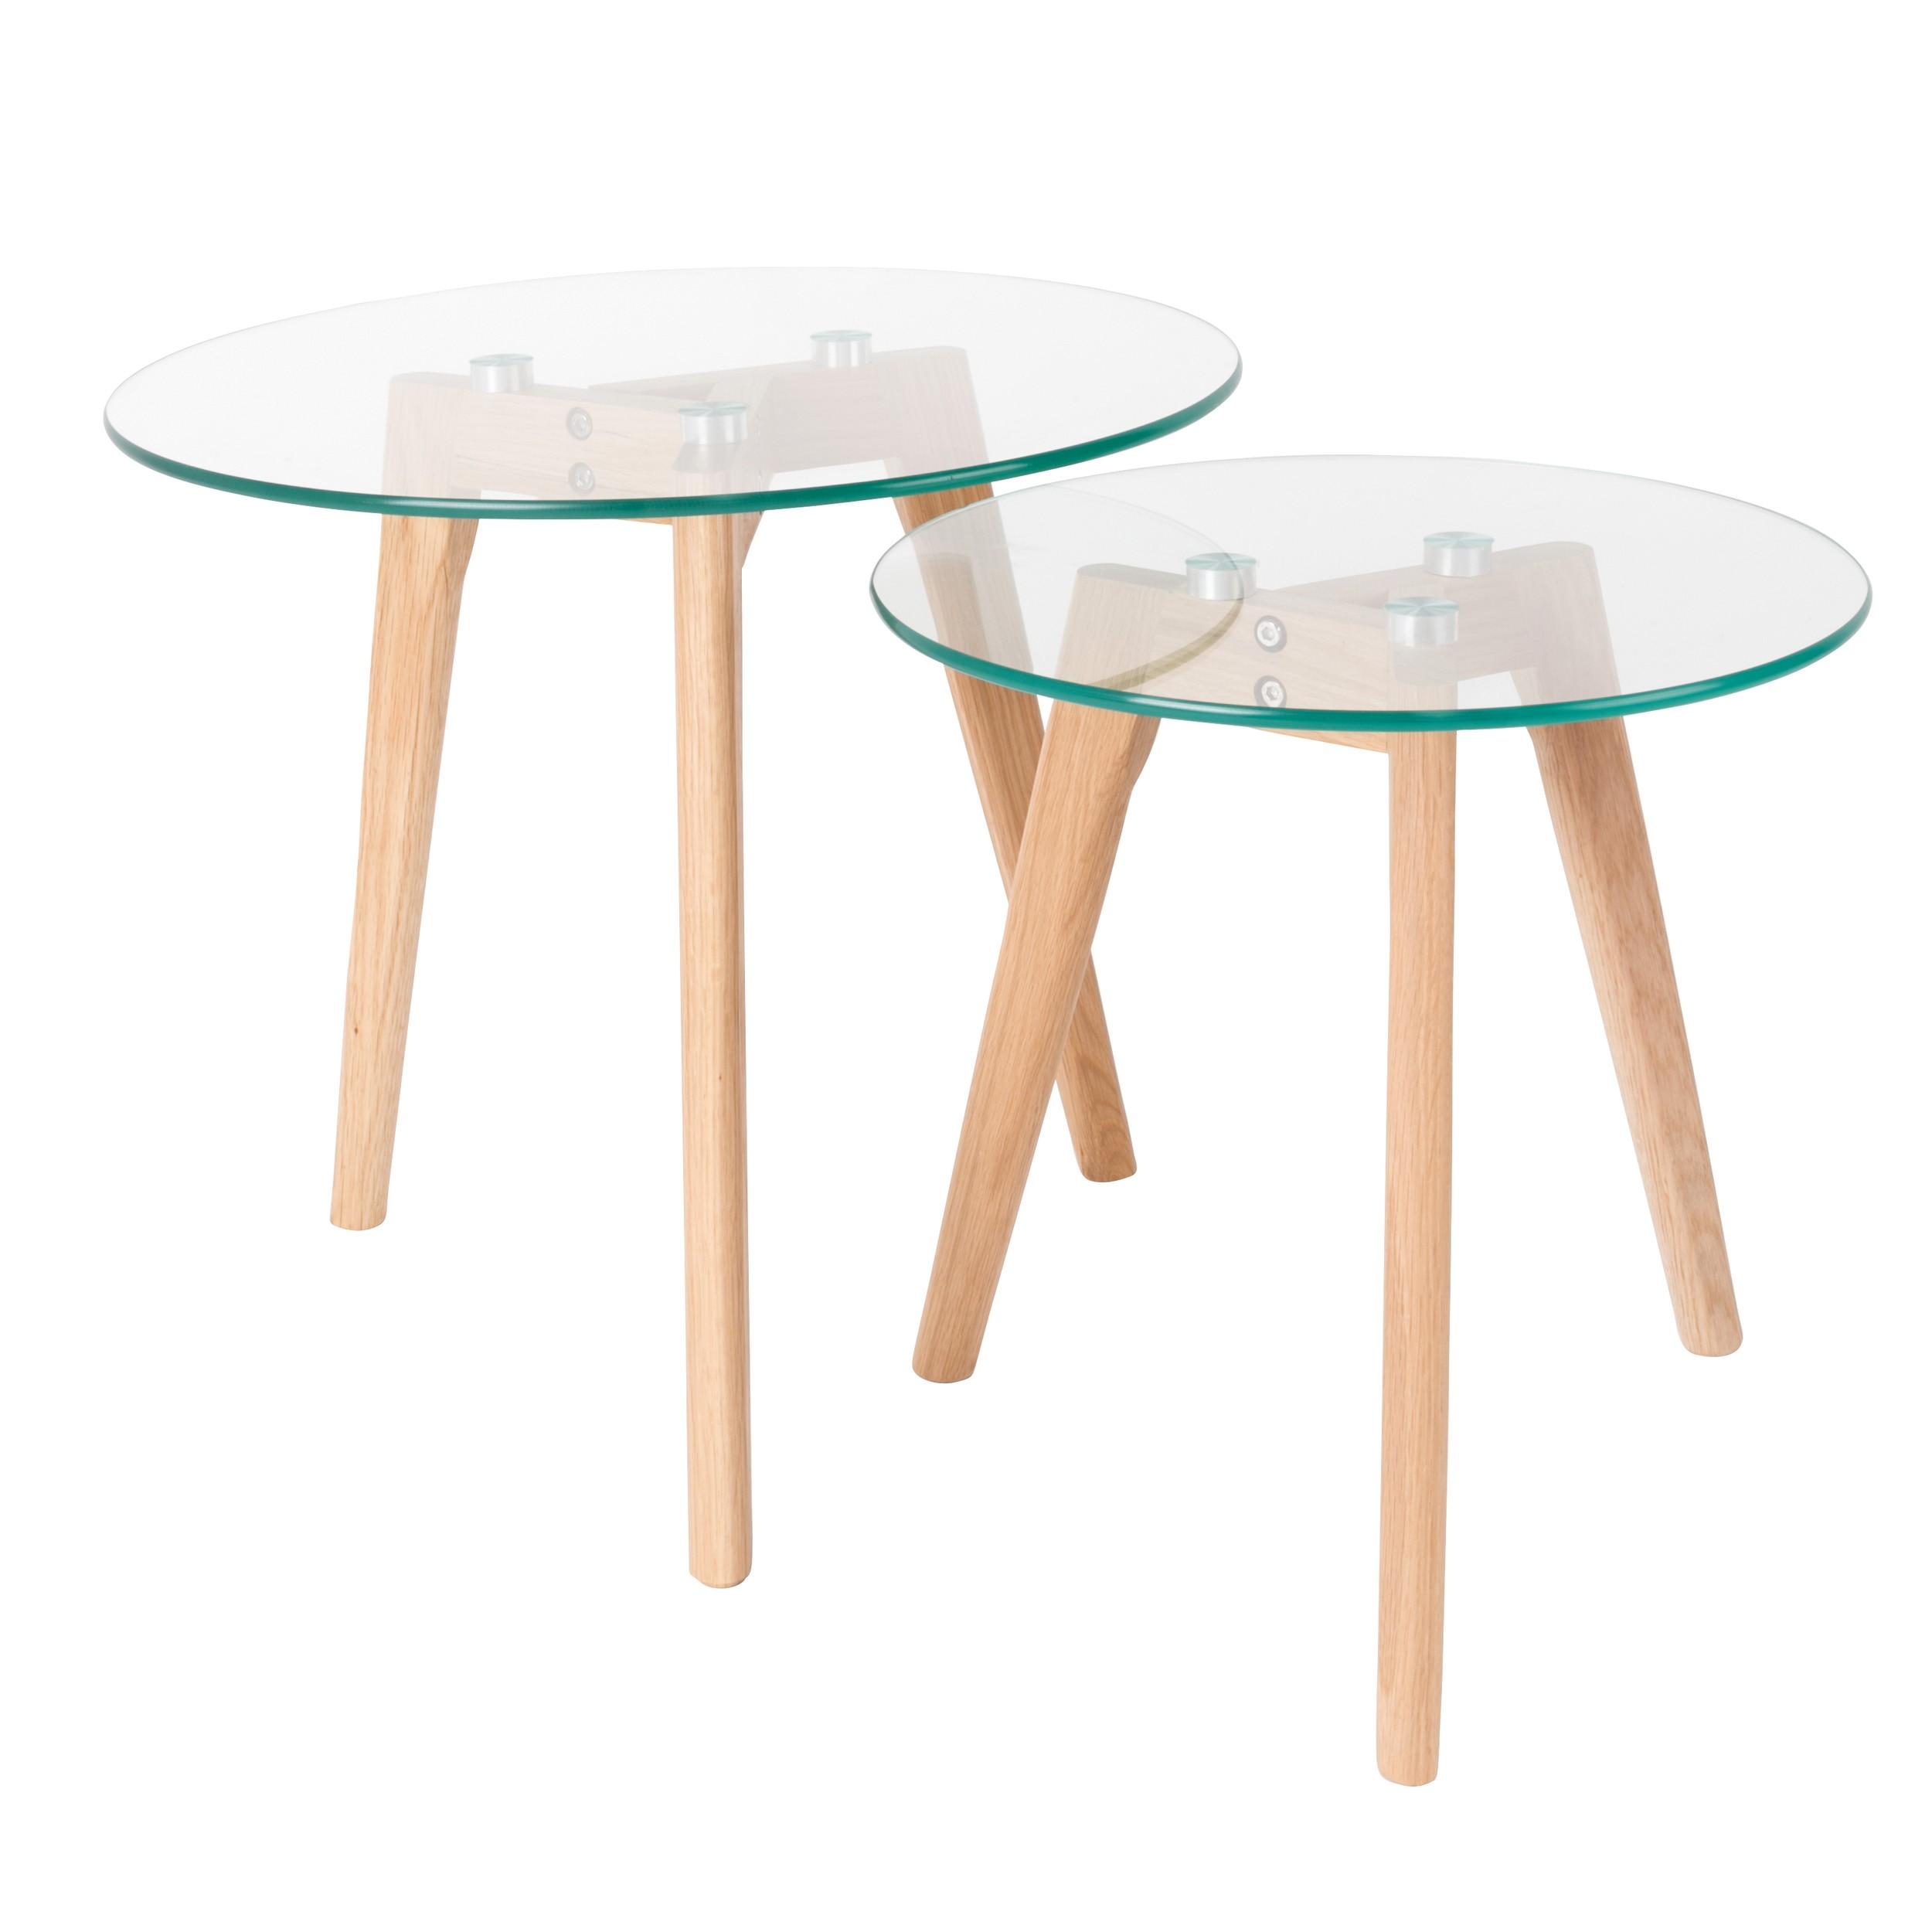 decoration table basse ronde. Black Bedroom Furniture Sets. Home Design Ideas